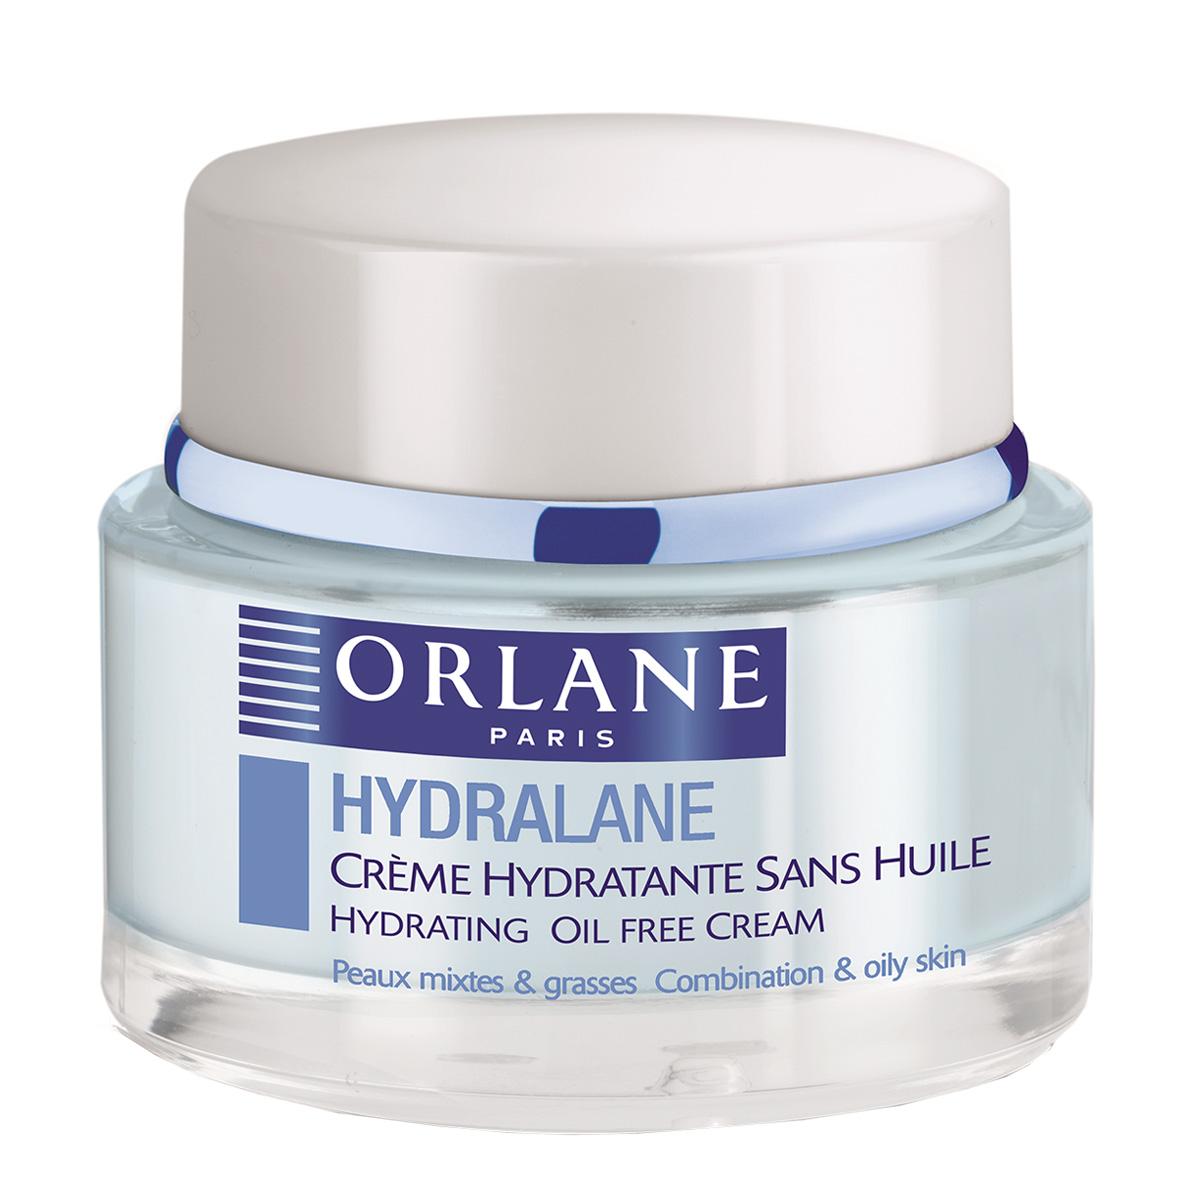 Orlane - Hydralane - Crème Hydratante Sans Huile 50 ml